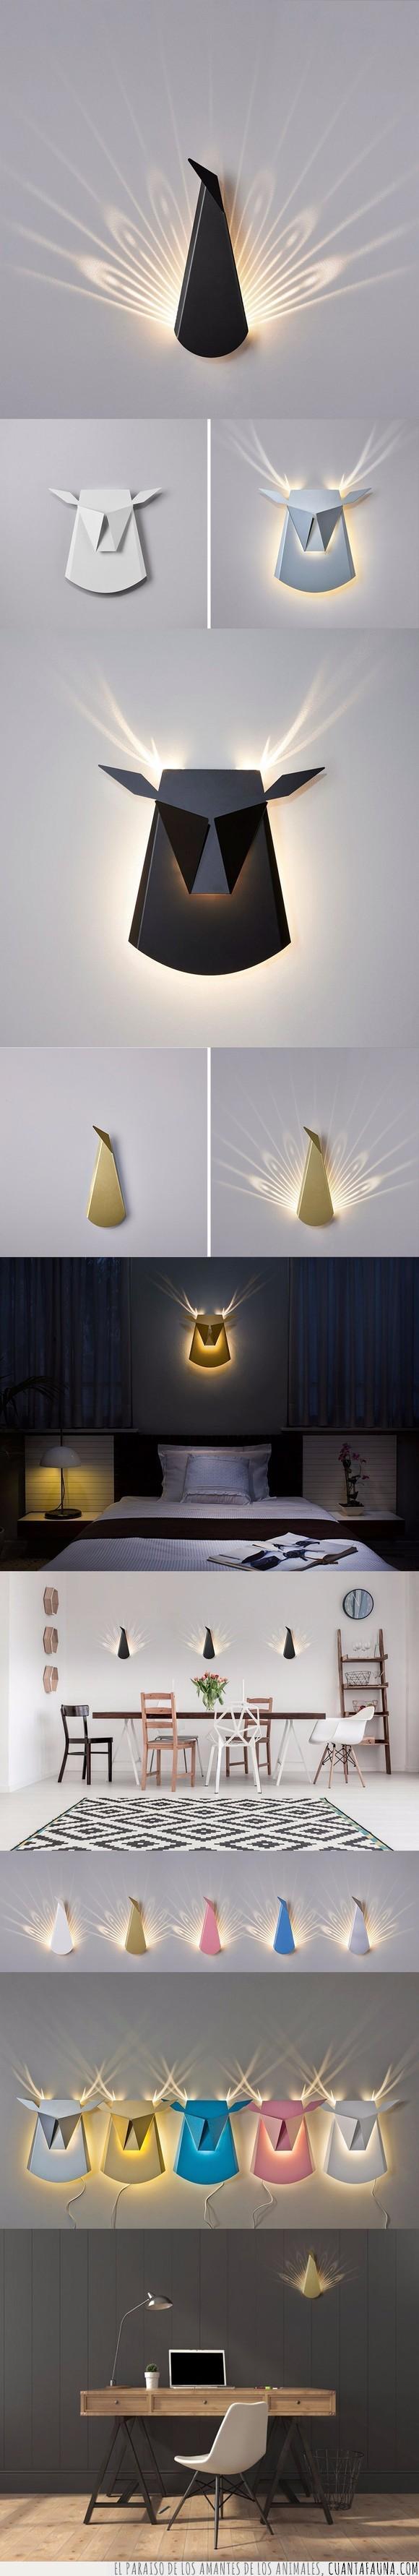 lámpara,luz,pavo real,reno